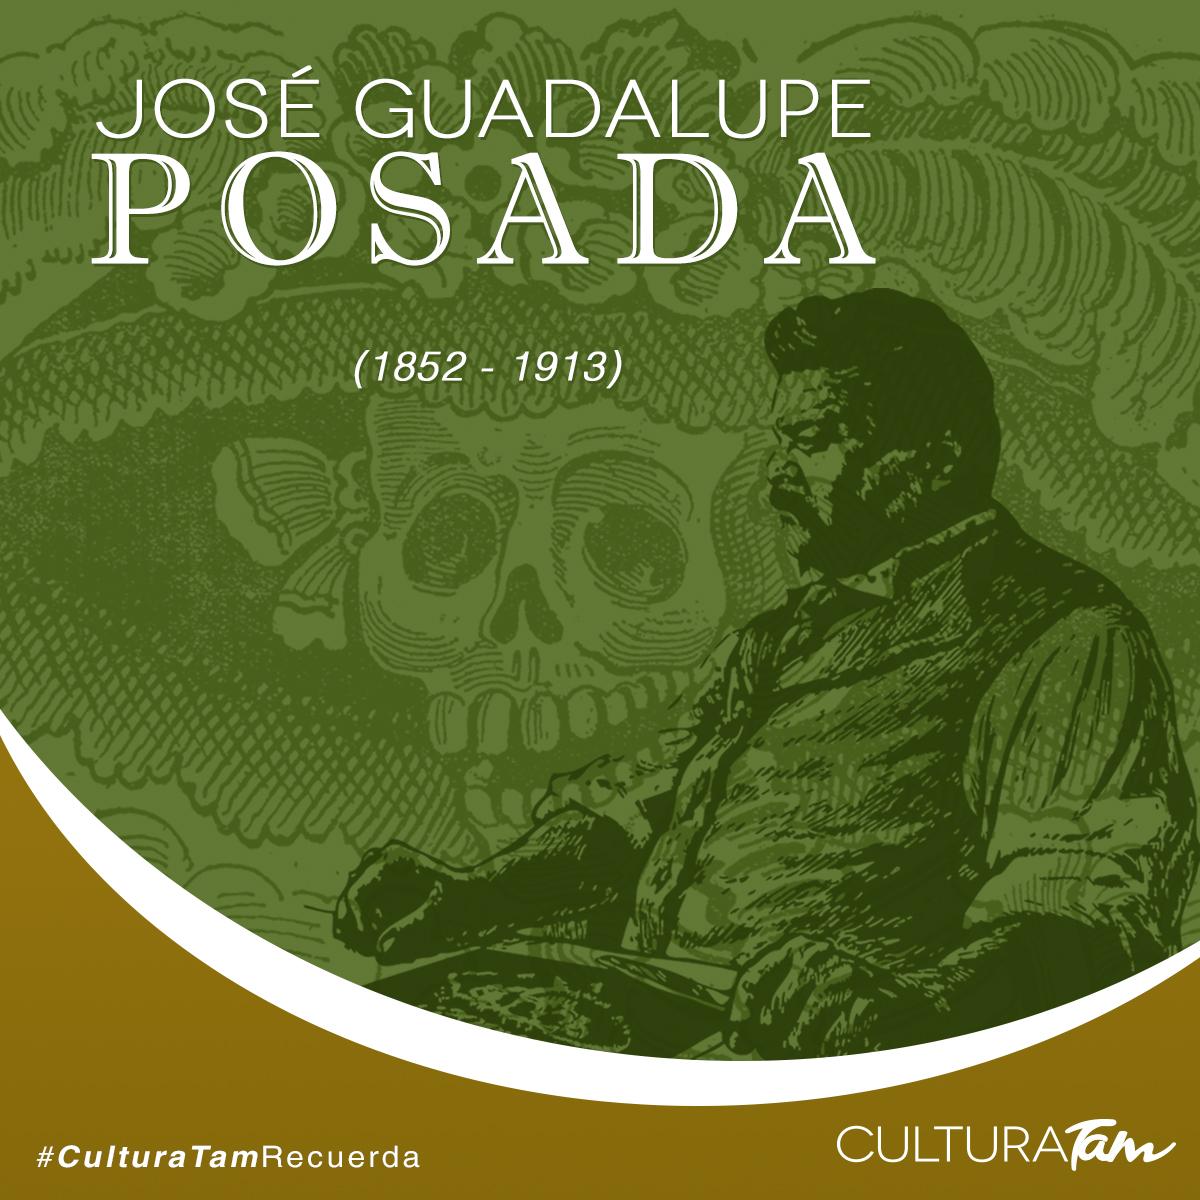 """#CulturaTamRecuerda """"La muerte es democrática, ya que a fin de cuentas, güera morena, rica o pobre, toda la gente acaba siendo calavera"""" José Guadalupe Posada fue un grabador, ilustrador y caricaturista mexicano. Falleció el 20 de enero de 1913."""